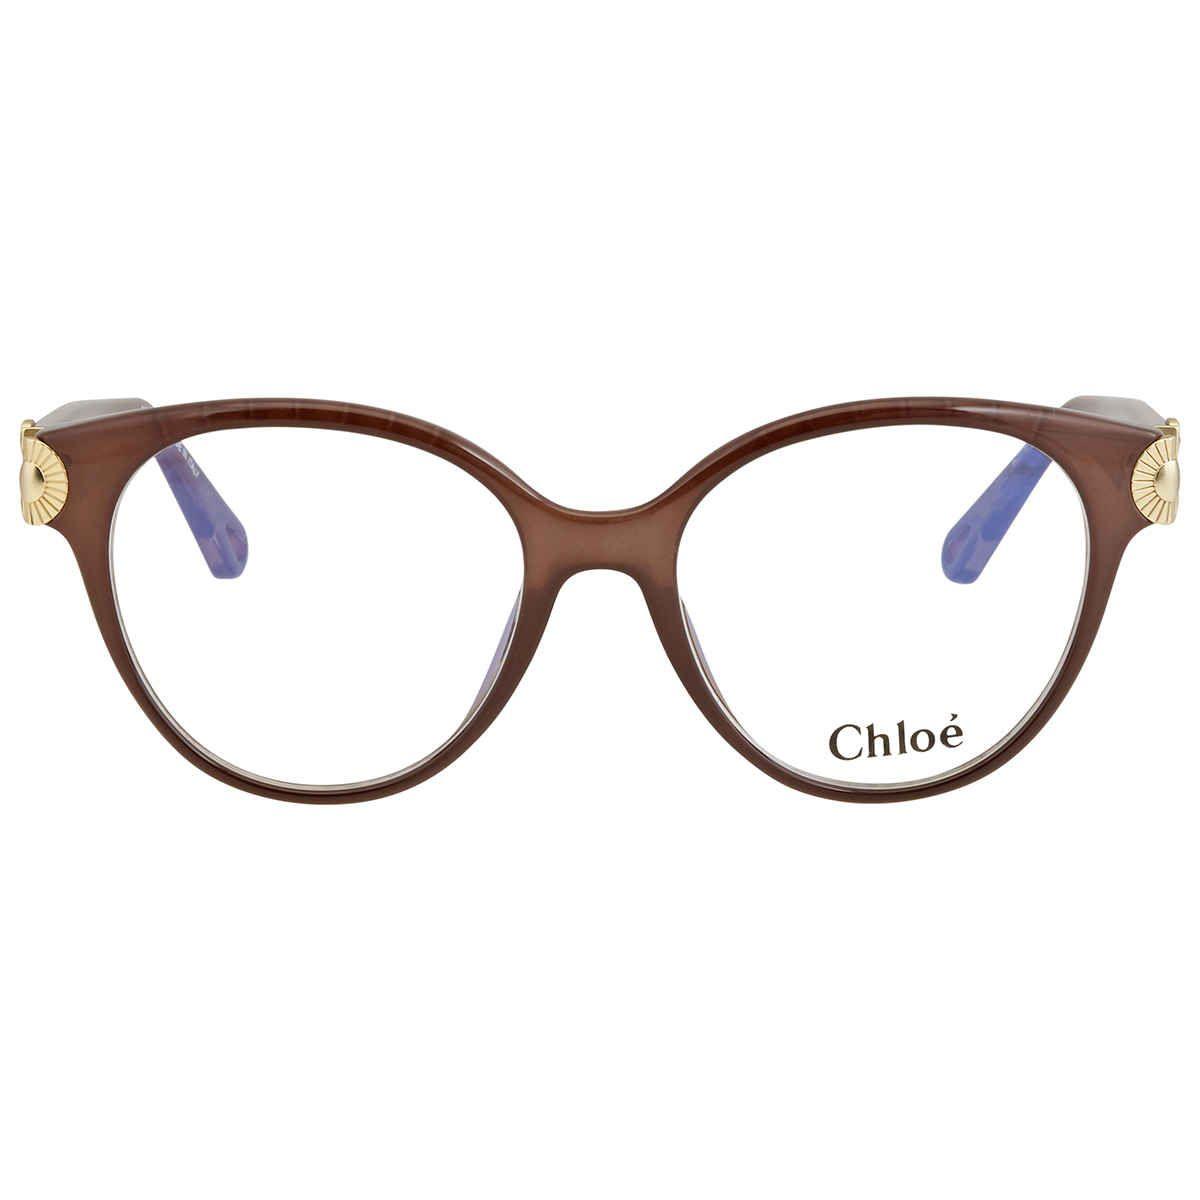 Chloe Eyeglasses. Color: Demo Lens. Shape: Cat Eye. Lens Width: 52 mm. Lens Bridge: 17 mm. Arm Length: 140 mm. Frame Material: Plastic. Frame Color: Brown. UPC/EAN code: 886895378529. Chloe Ladies Brown Square Eyeglass Frames CE2733 210 52.